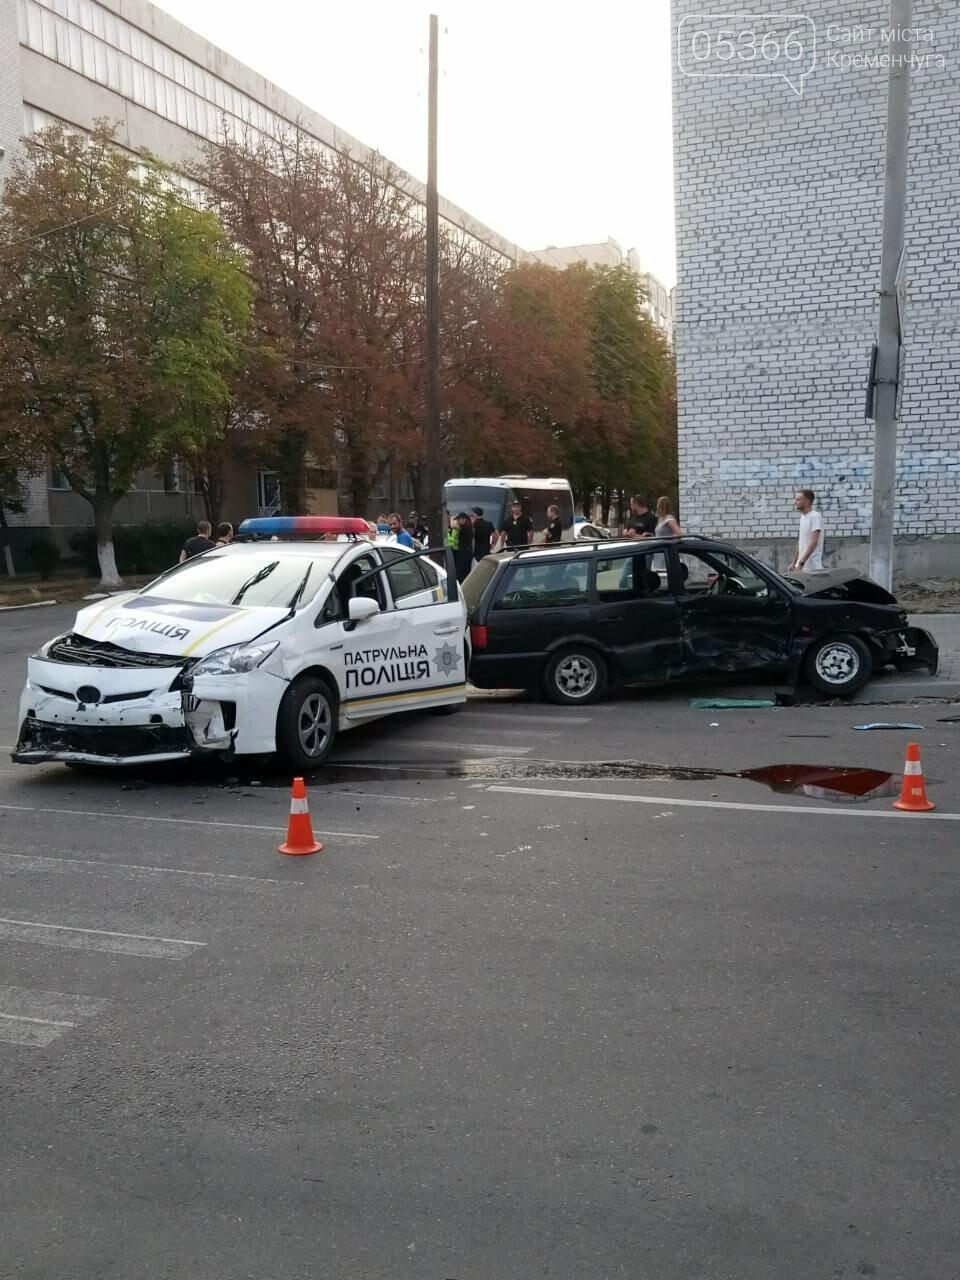 В центре Кременчуга машина патрульной полиции врезалась в Фольксваген. Трое пострадавших (ФОТО), фото-1